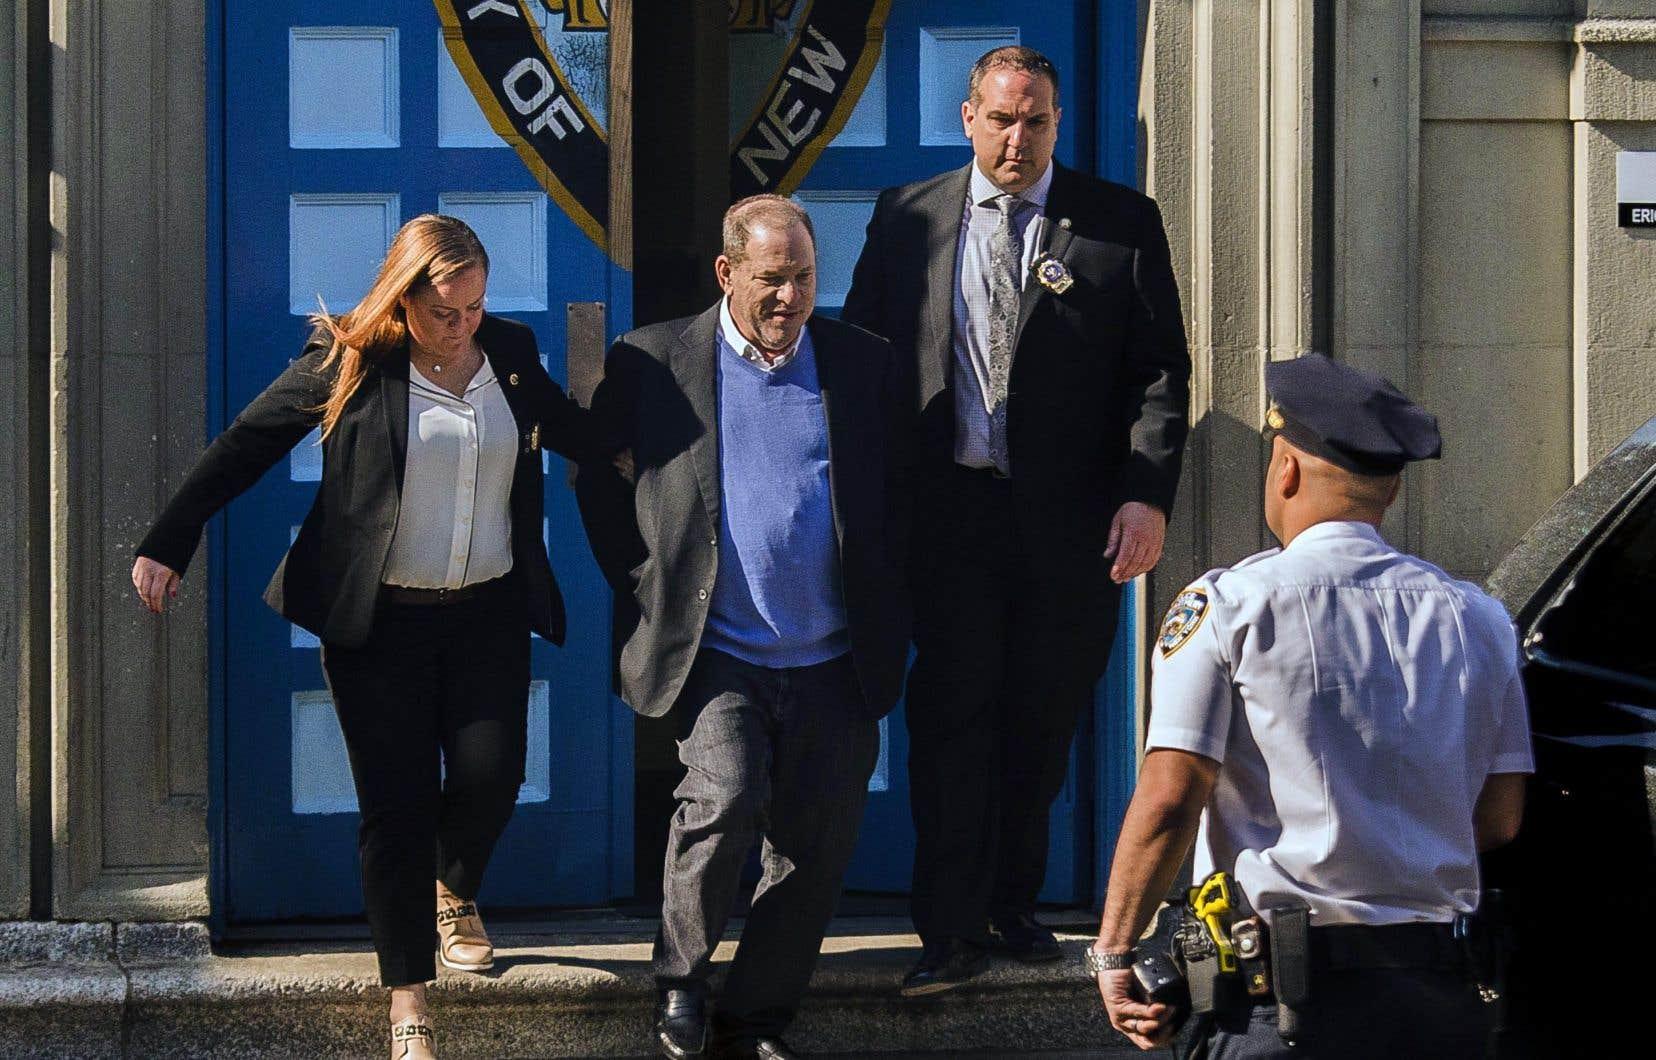 Plus de sept mois après les premières accusations portées contre lui, le producteur Harvey Weinstein s'est livré vers 7 h 30 à la police, dans un commissariat du sud de Manhattan.